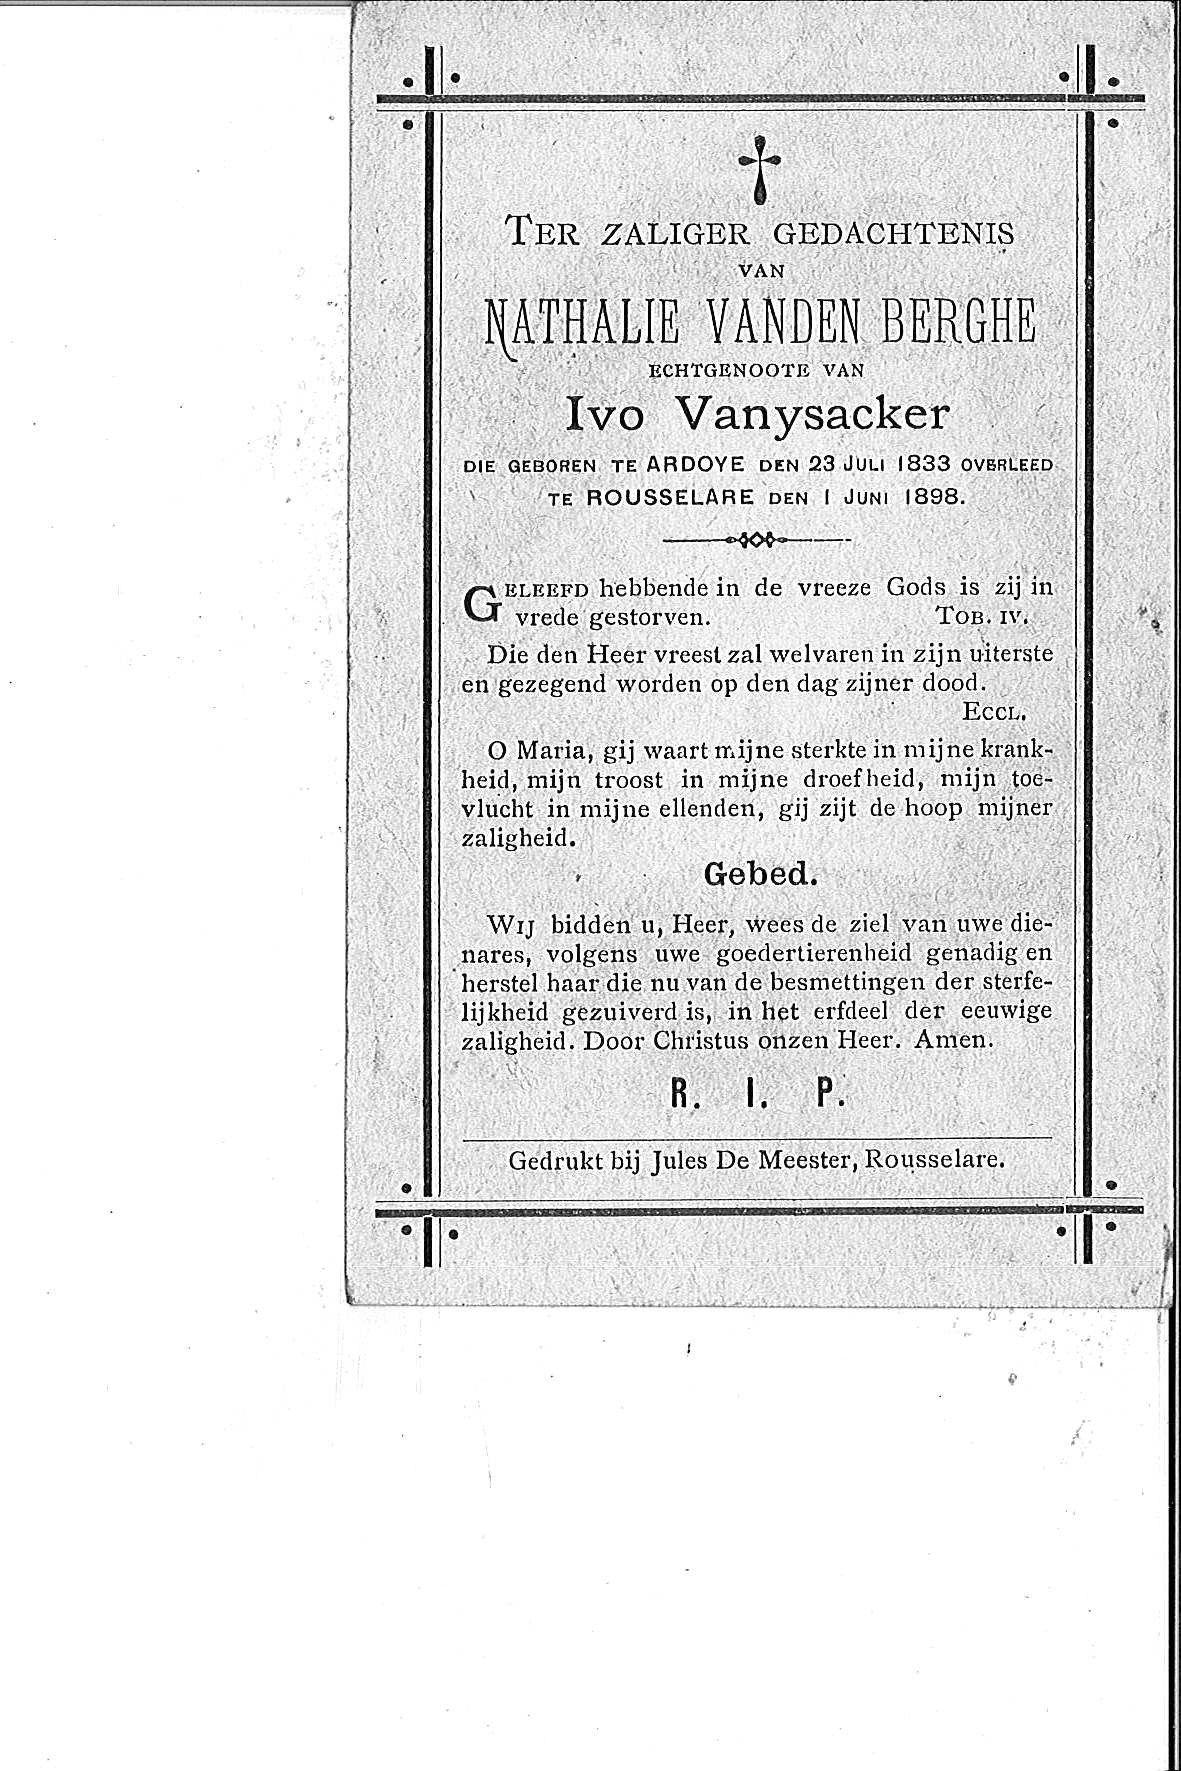 Nathalie(1898)20150804084944_00077.jpg